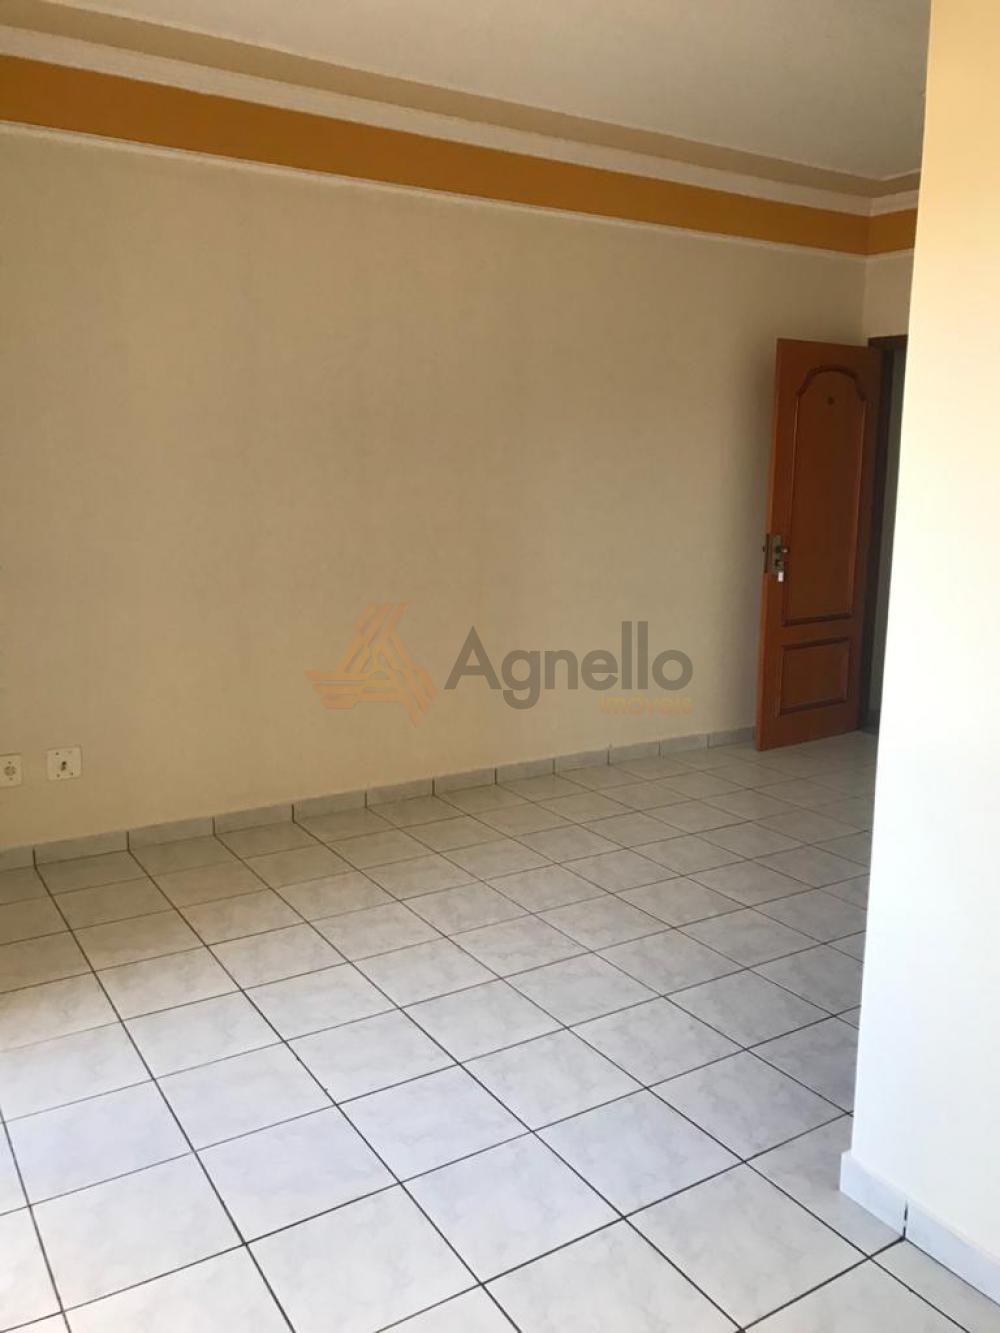 Comprar Apartamento / Padrão em Franca apenas R$ 250.000,00 - Foto 3